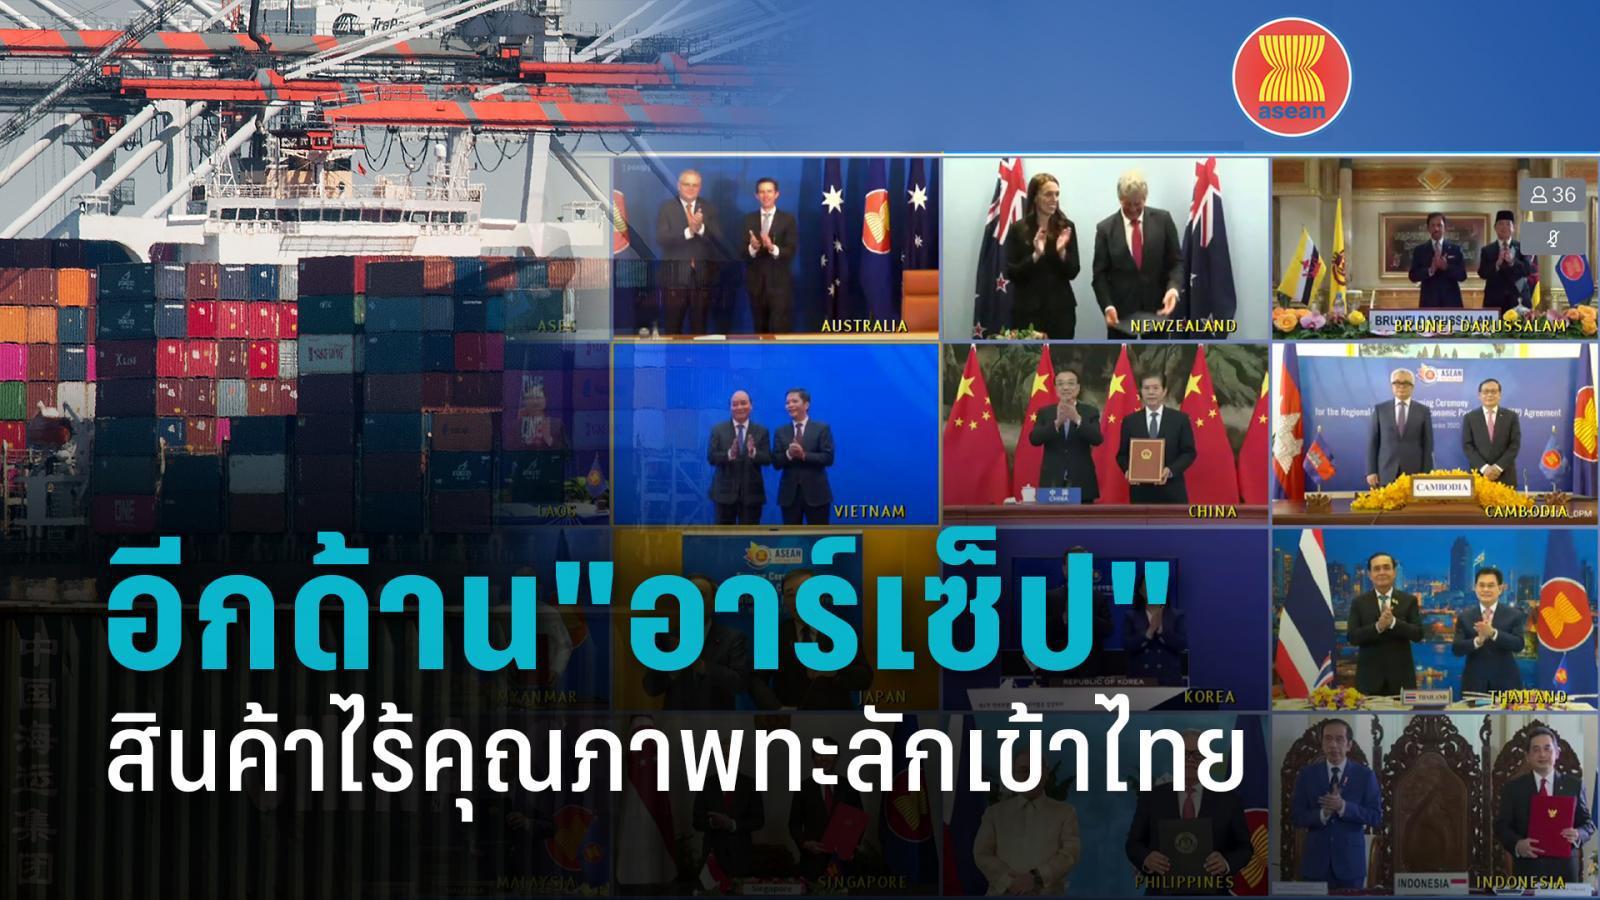 """อีกด้านหนึ่งของ """"อาร์เซ็ป"""" สินค้าไร้คุณภาพอาจทะลักเข้าไทยมากขึ้น"""